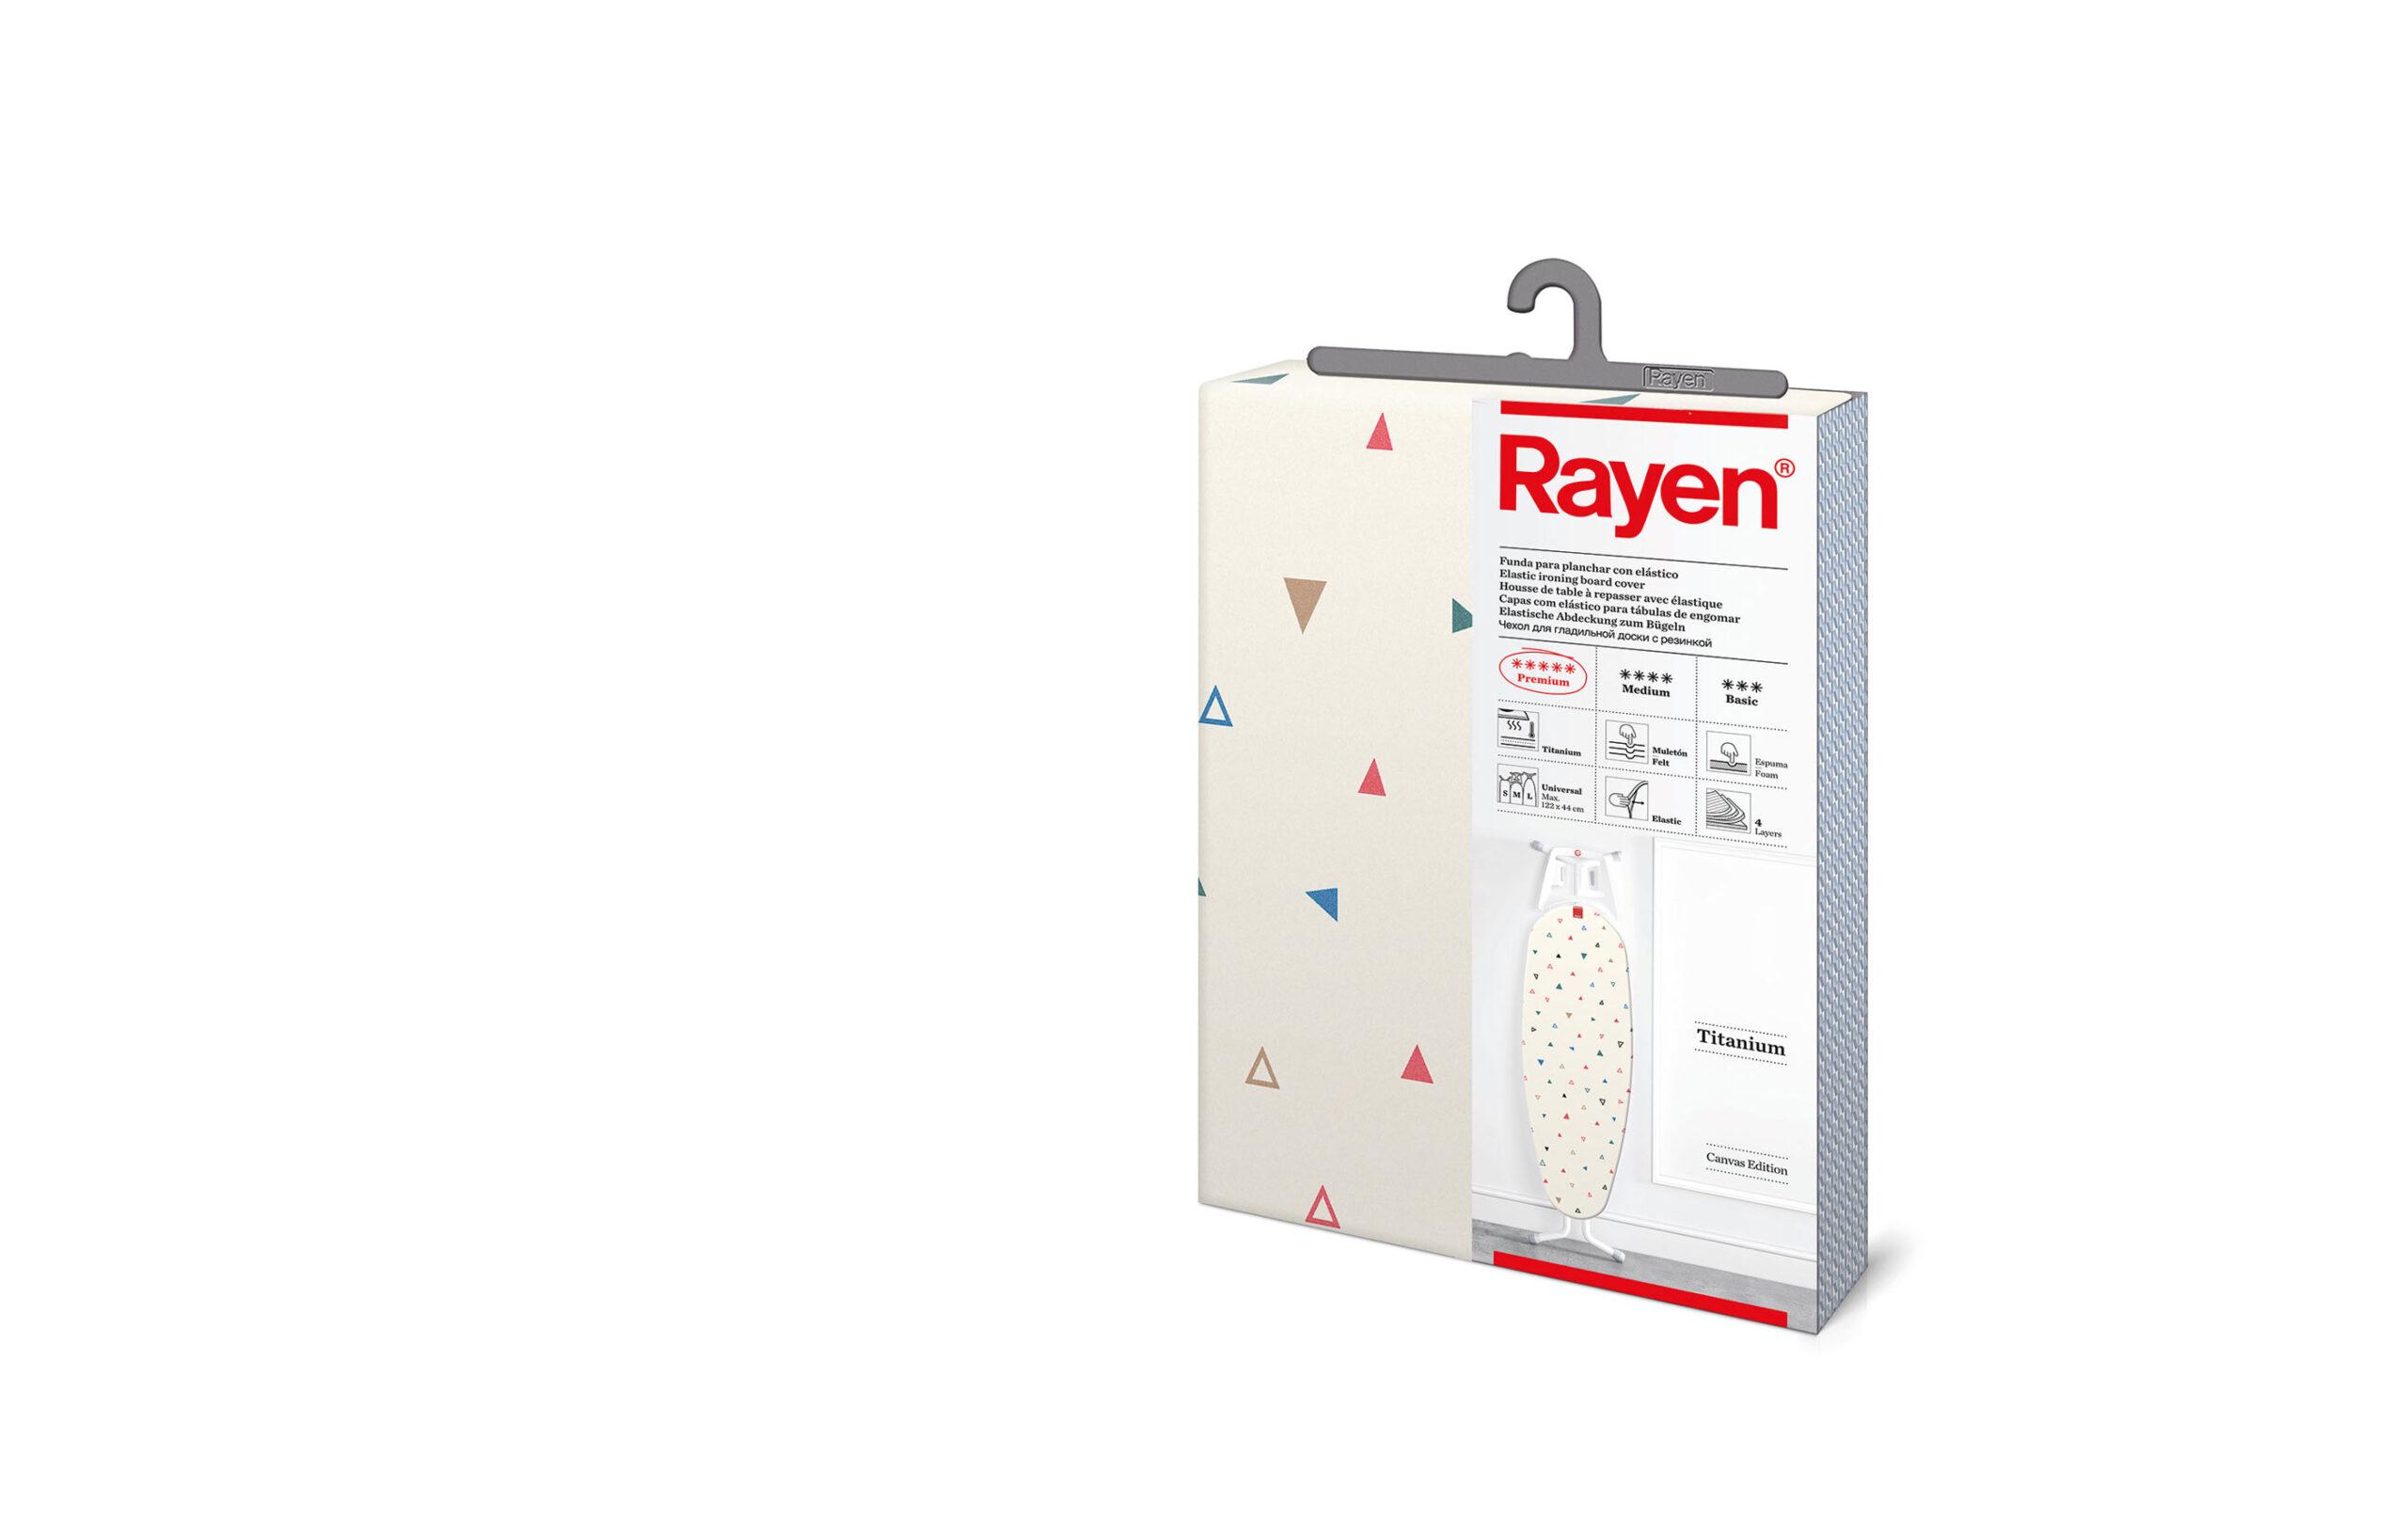 slider-fundas-plancha-scaled Rayen | Soluciones innovadoras para el hogar | Funda para planchar con elástico | Rayen.com